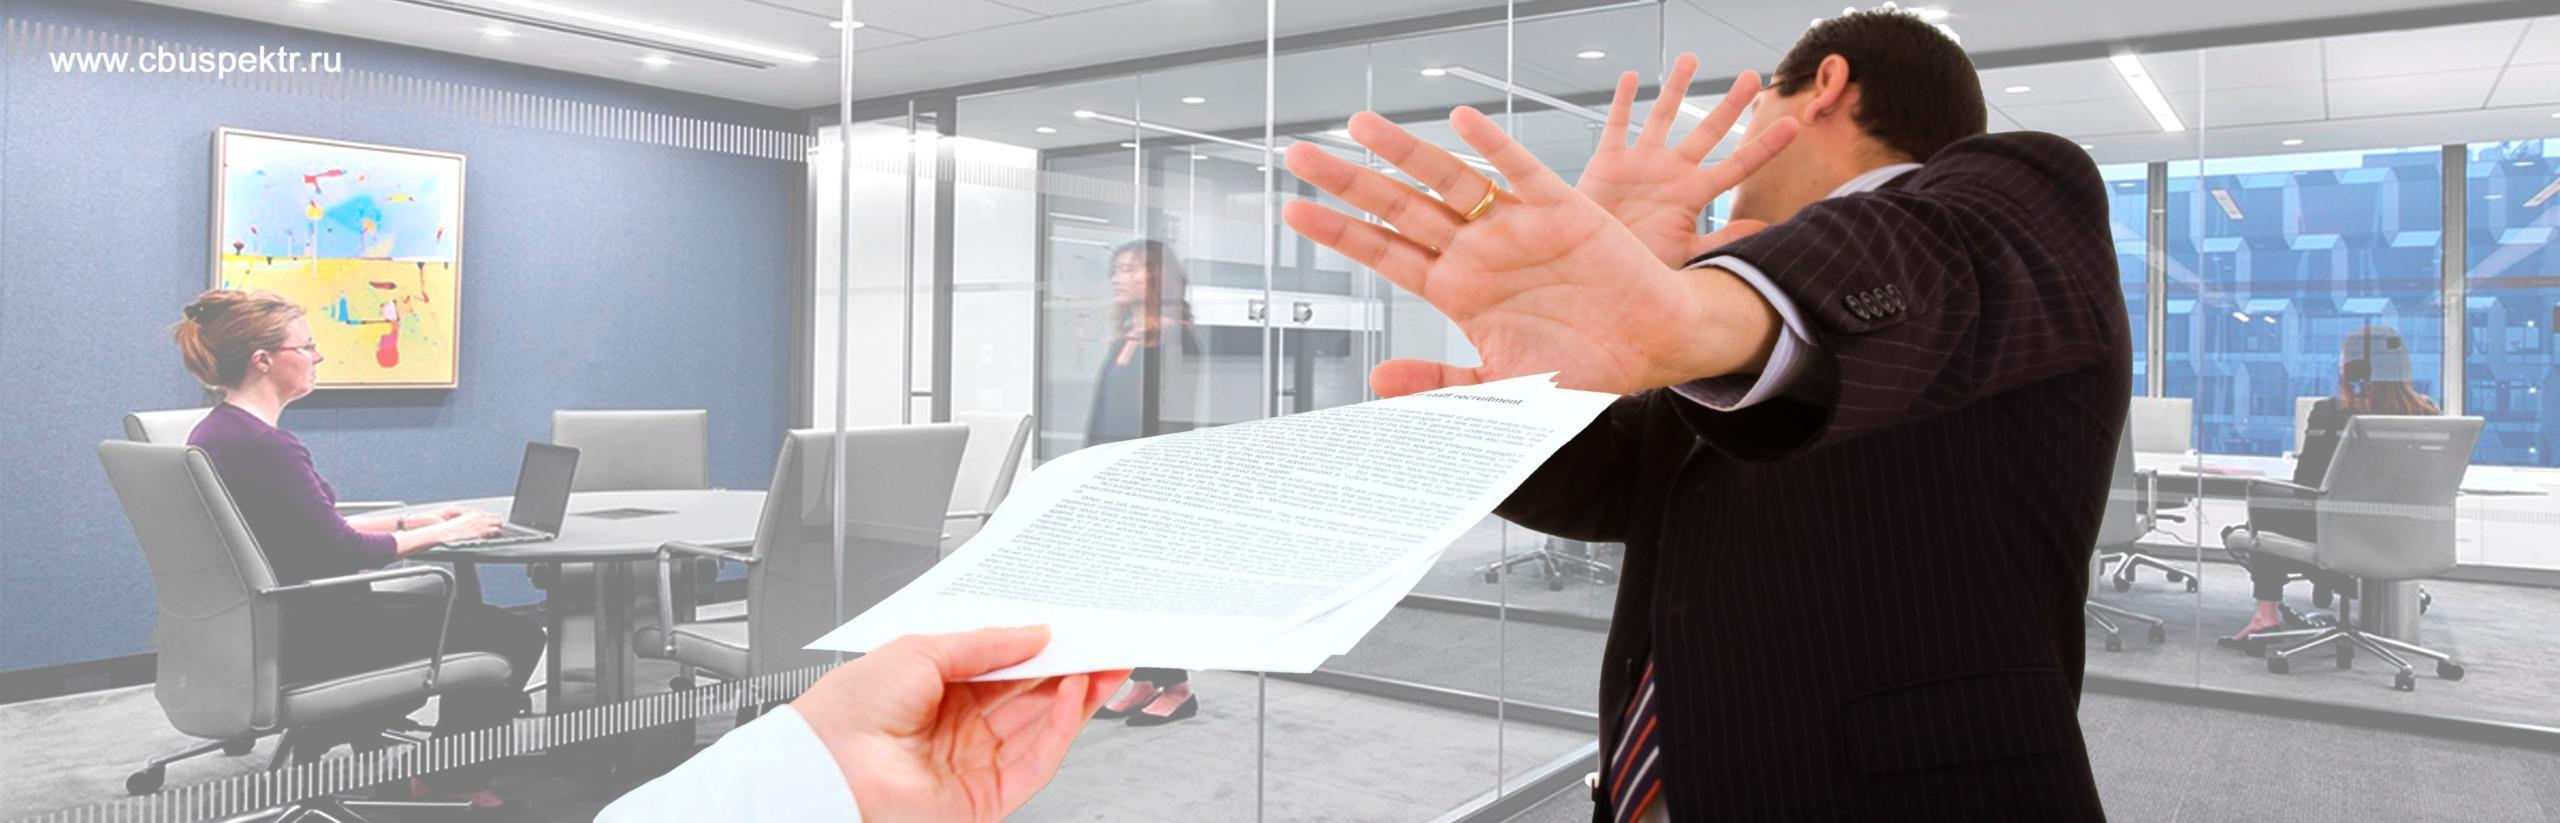 Должник отмахивается от предъявленного договора